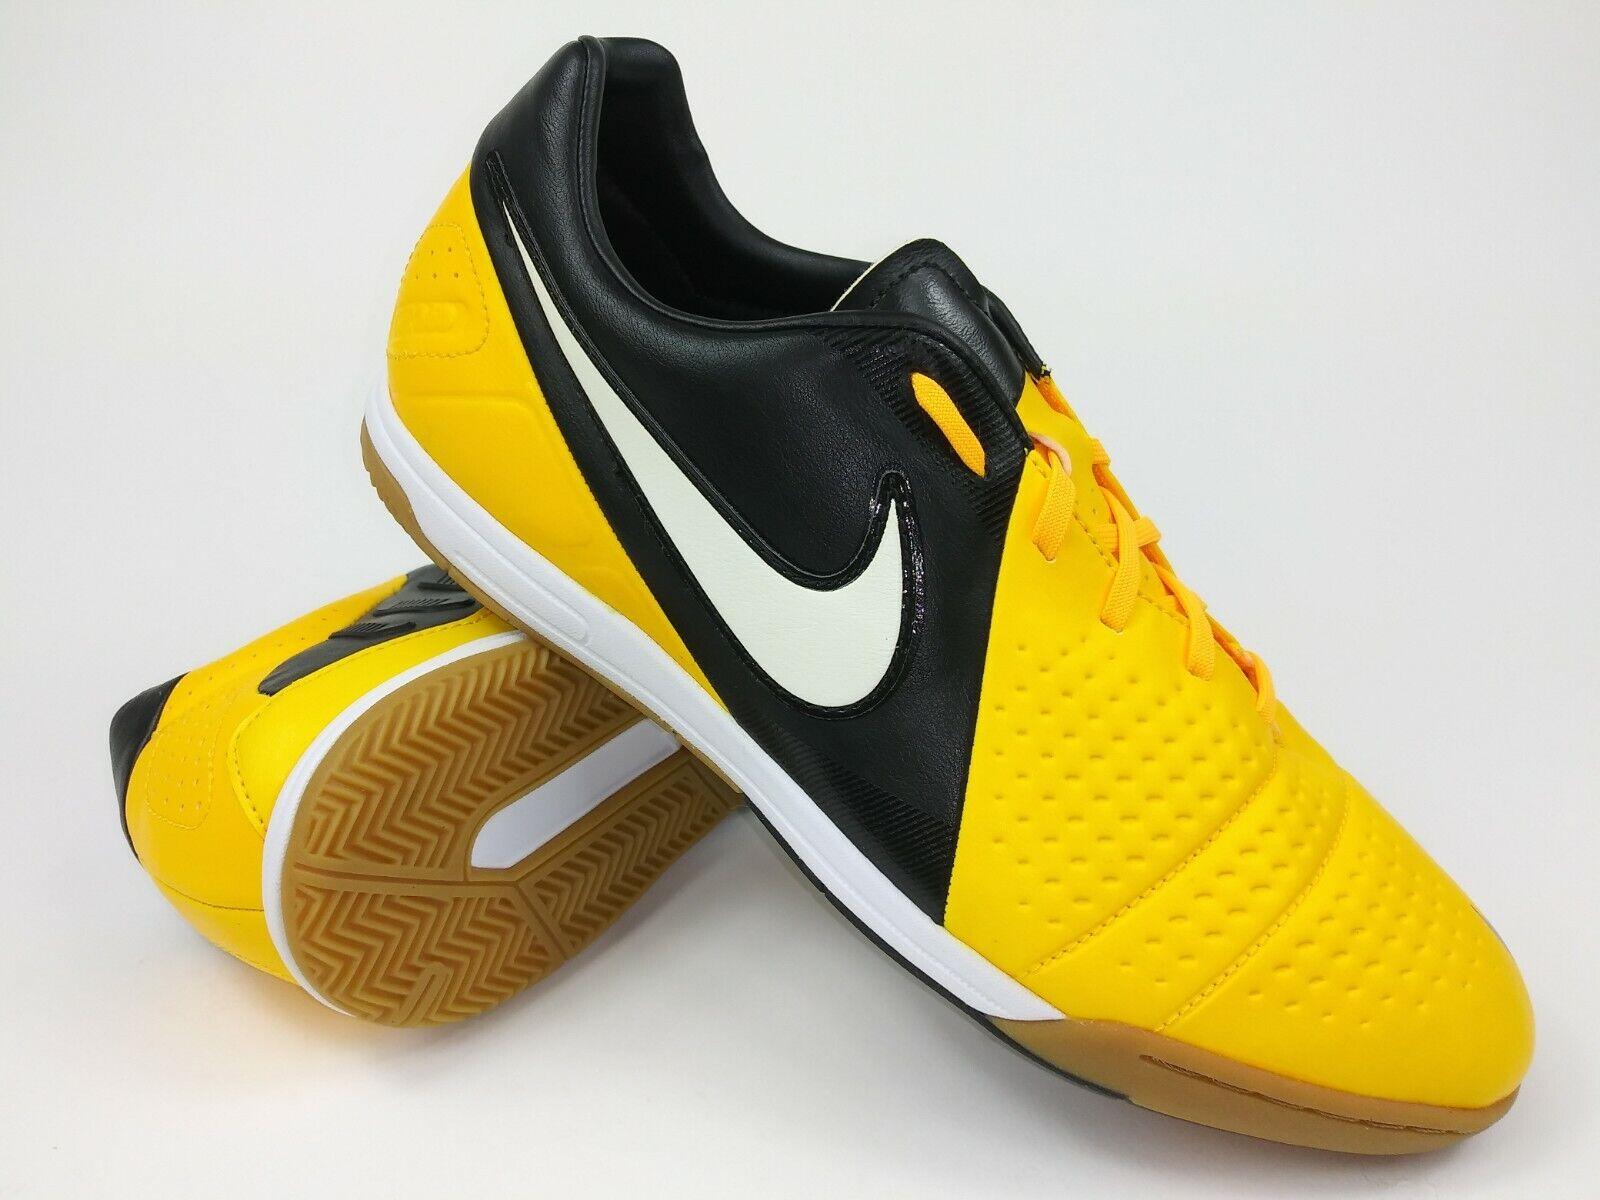 Nike Hombre Raro CTR360 Libretto Lll Ic 525171-810 Negro Amarillo Fútbol Zapatos